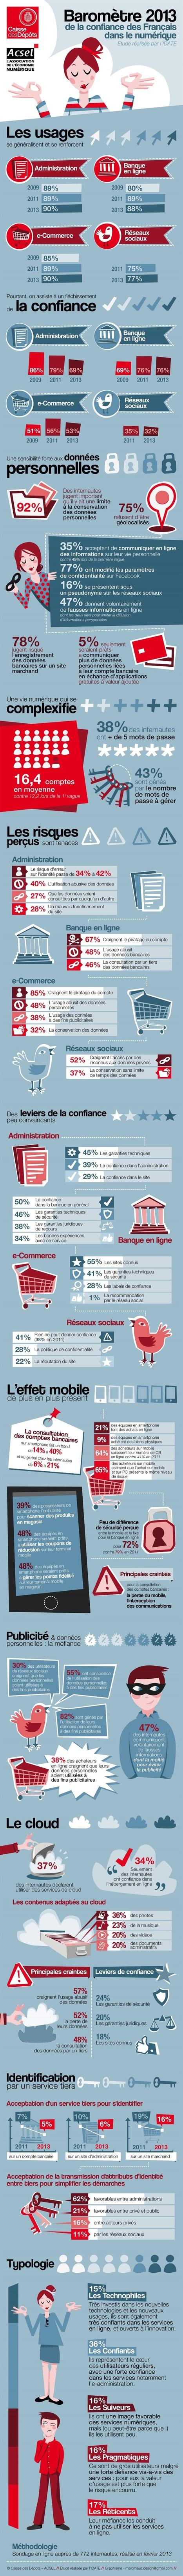 Les Français ont de moins en moins confiance dans le numérique | Marketing RH 2.0 & Marque employeur | Scoop.it